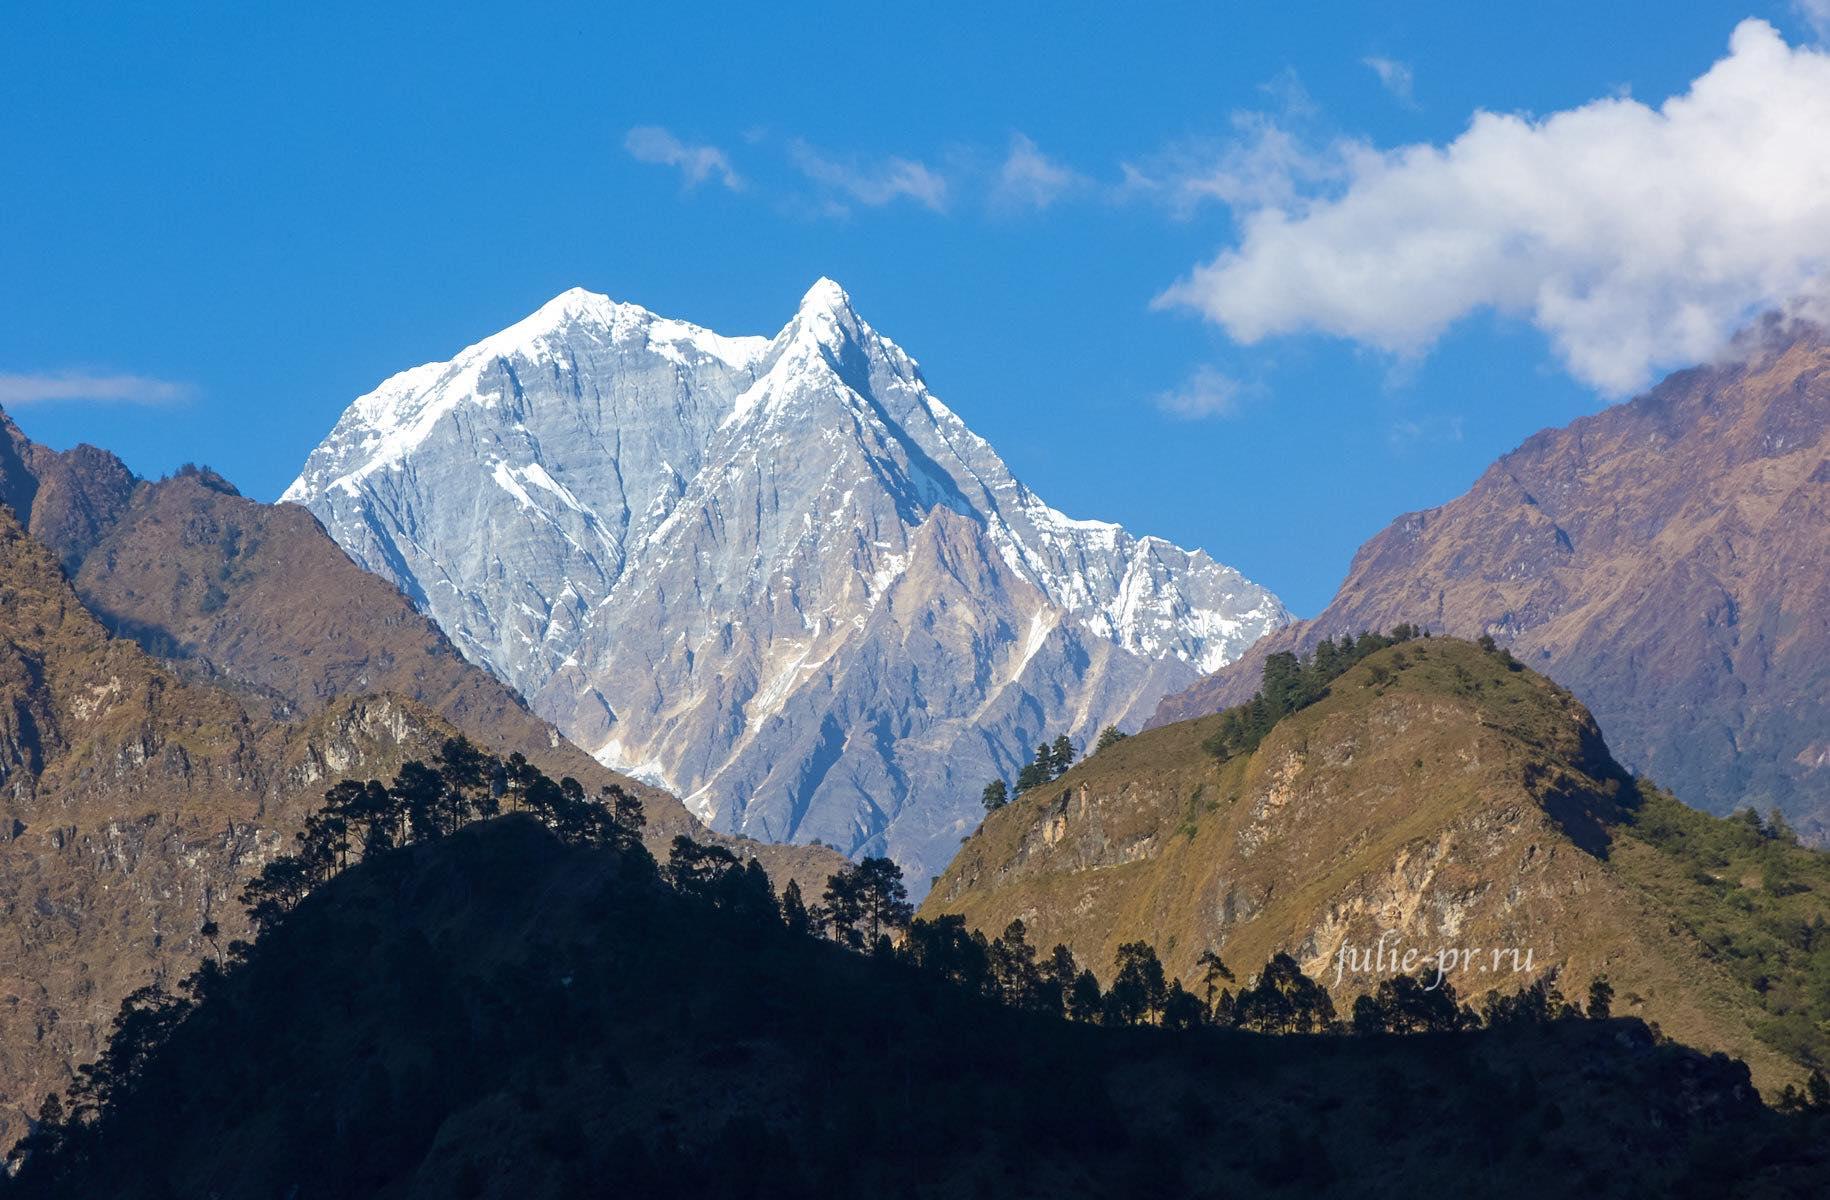 Непал, Трек вокруг Аннапурны, Нилгири